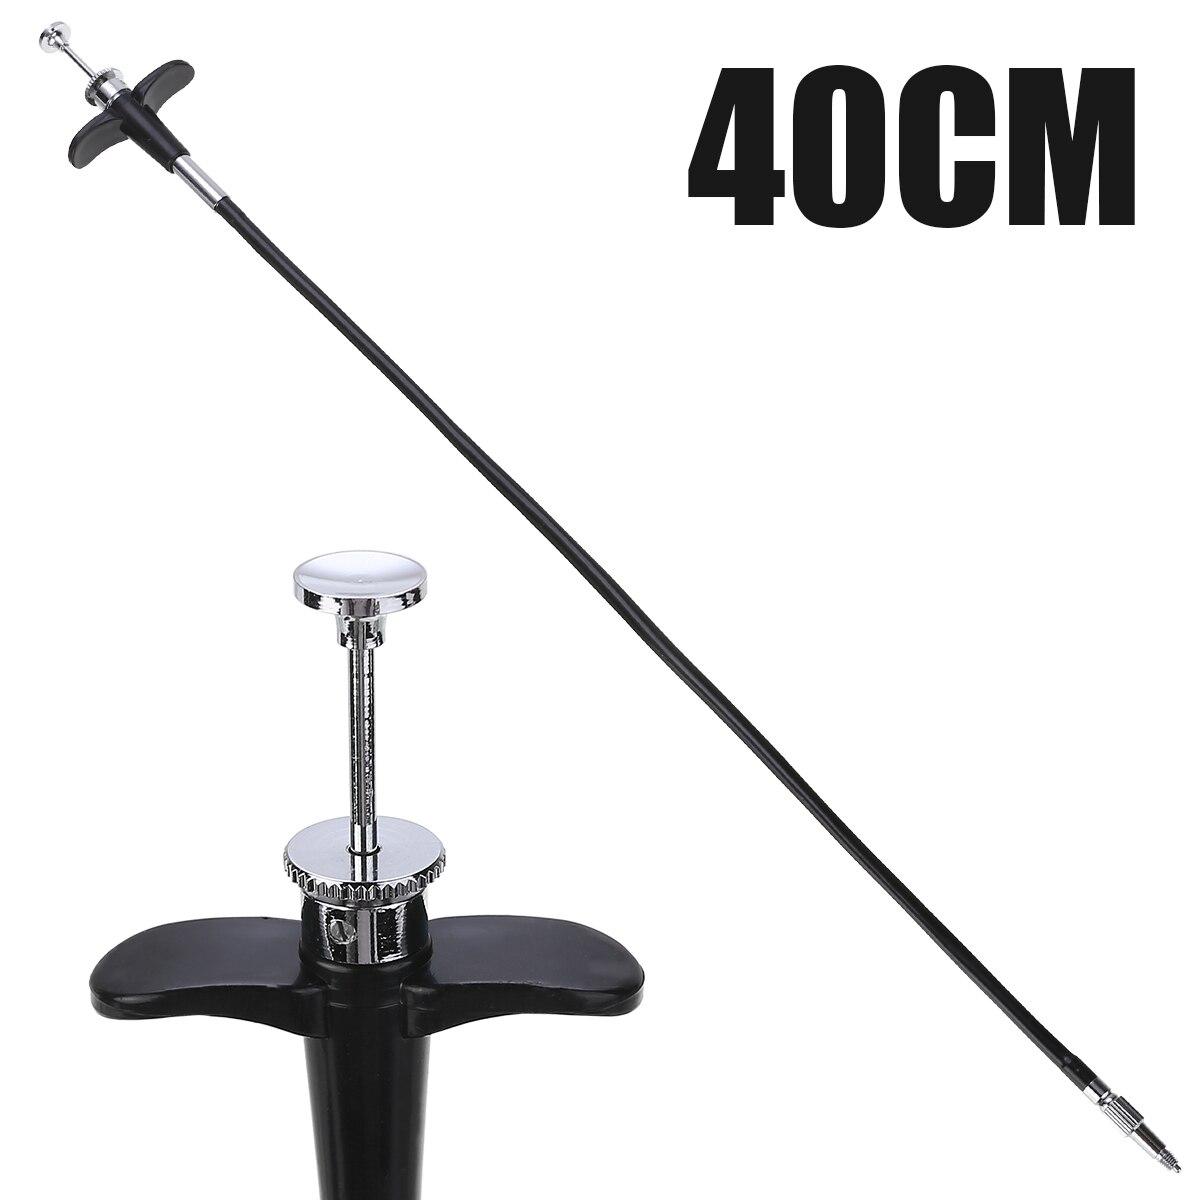 Кабель для спуска затвора камеры Mayitr, 1 шт., 40 см, Универсальный Механический кабель для дистанционного управления затвором, кабели для плено...